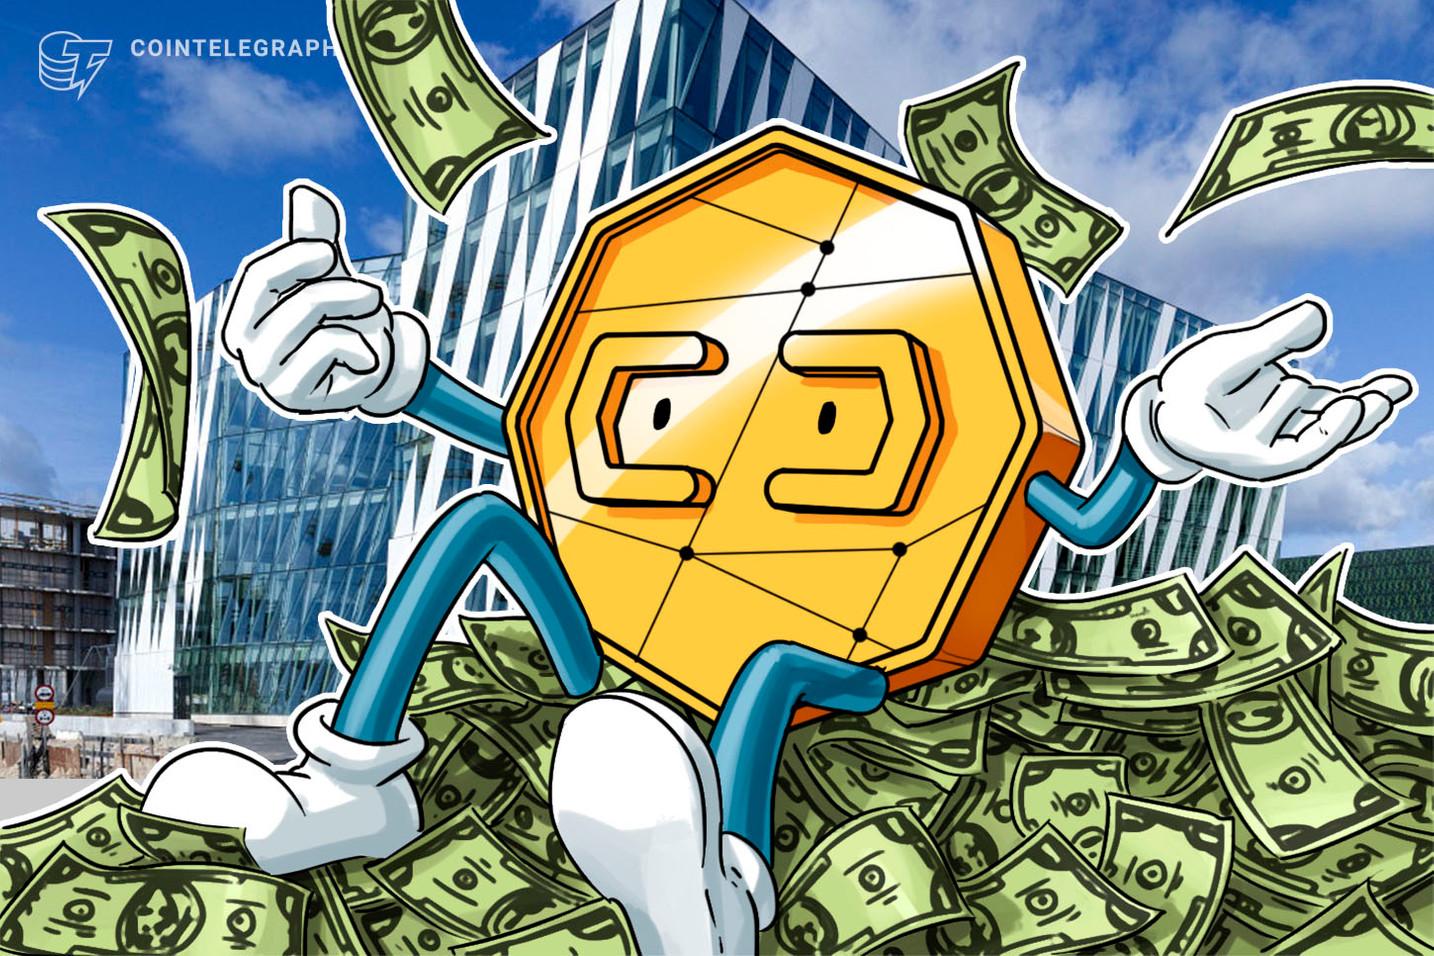 Kryptomarkt erreicht neue Rekord-Marktkapitalisierung von 1,13 Bio. US-Dollar